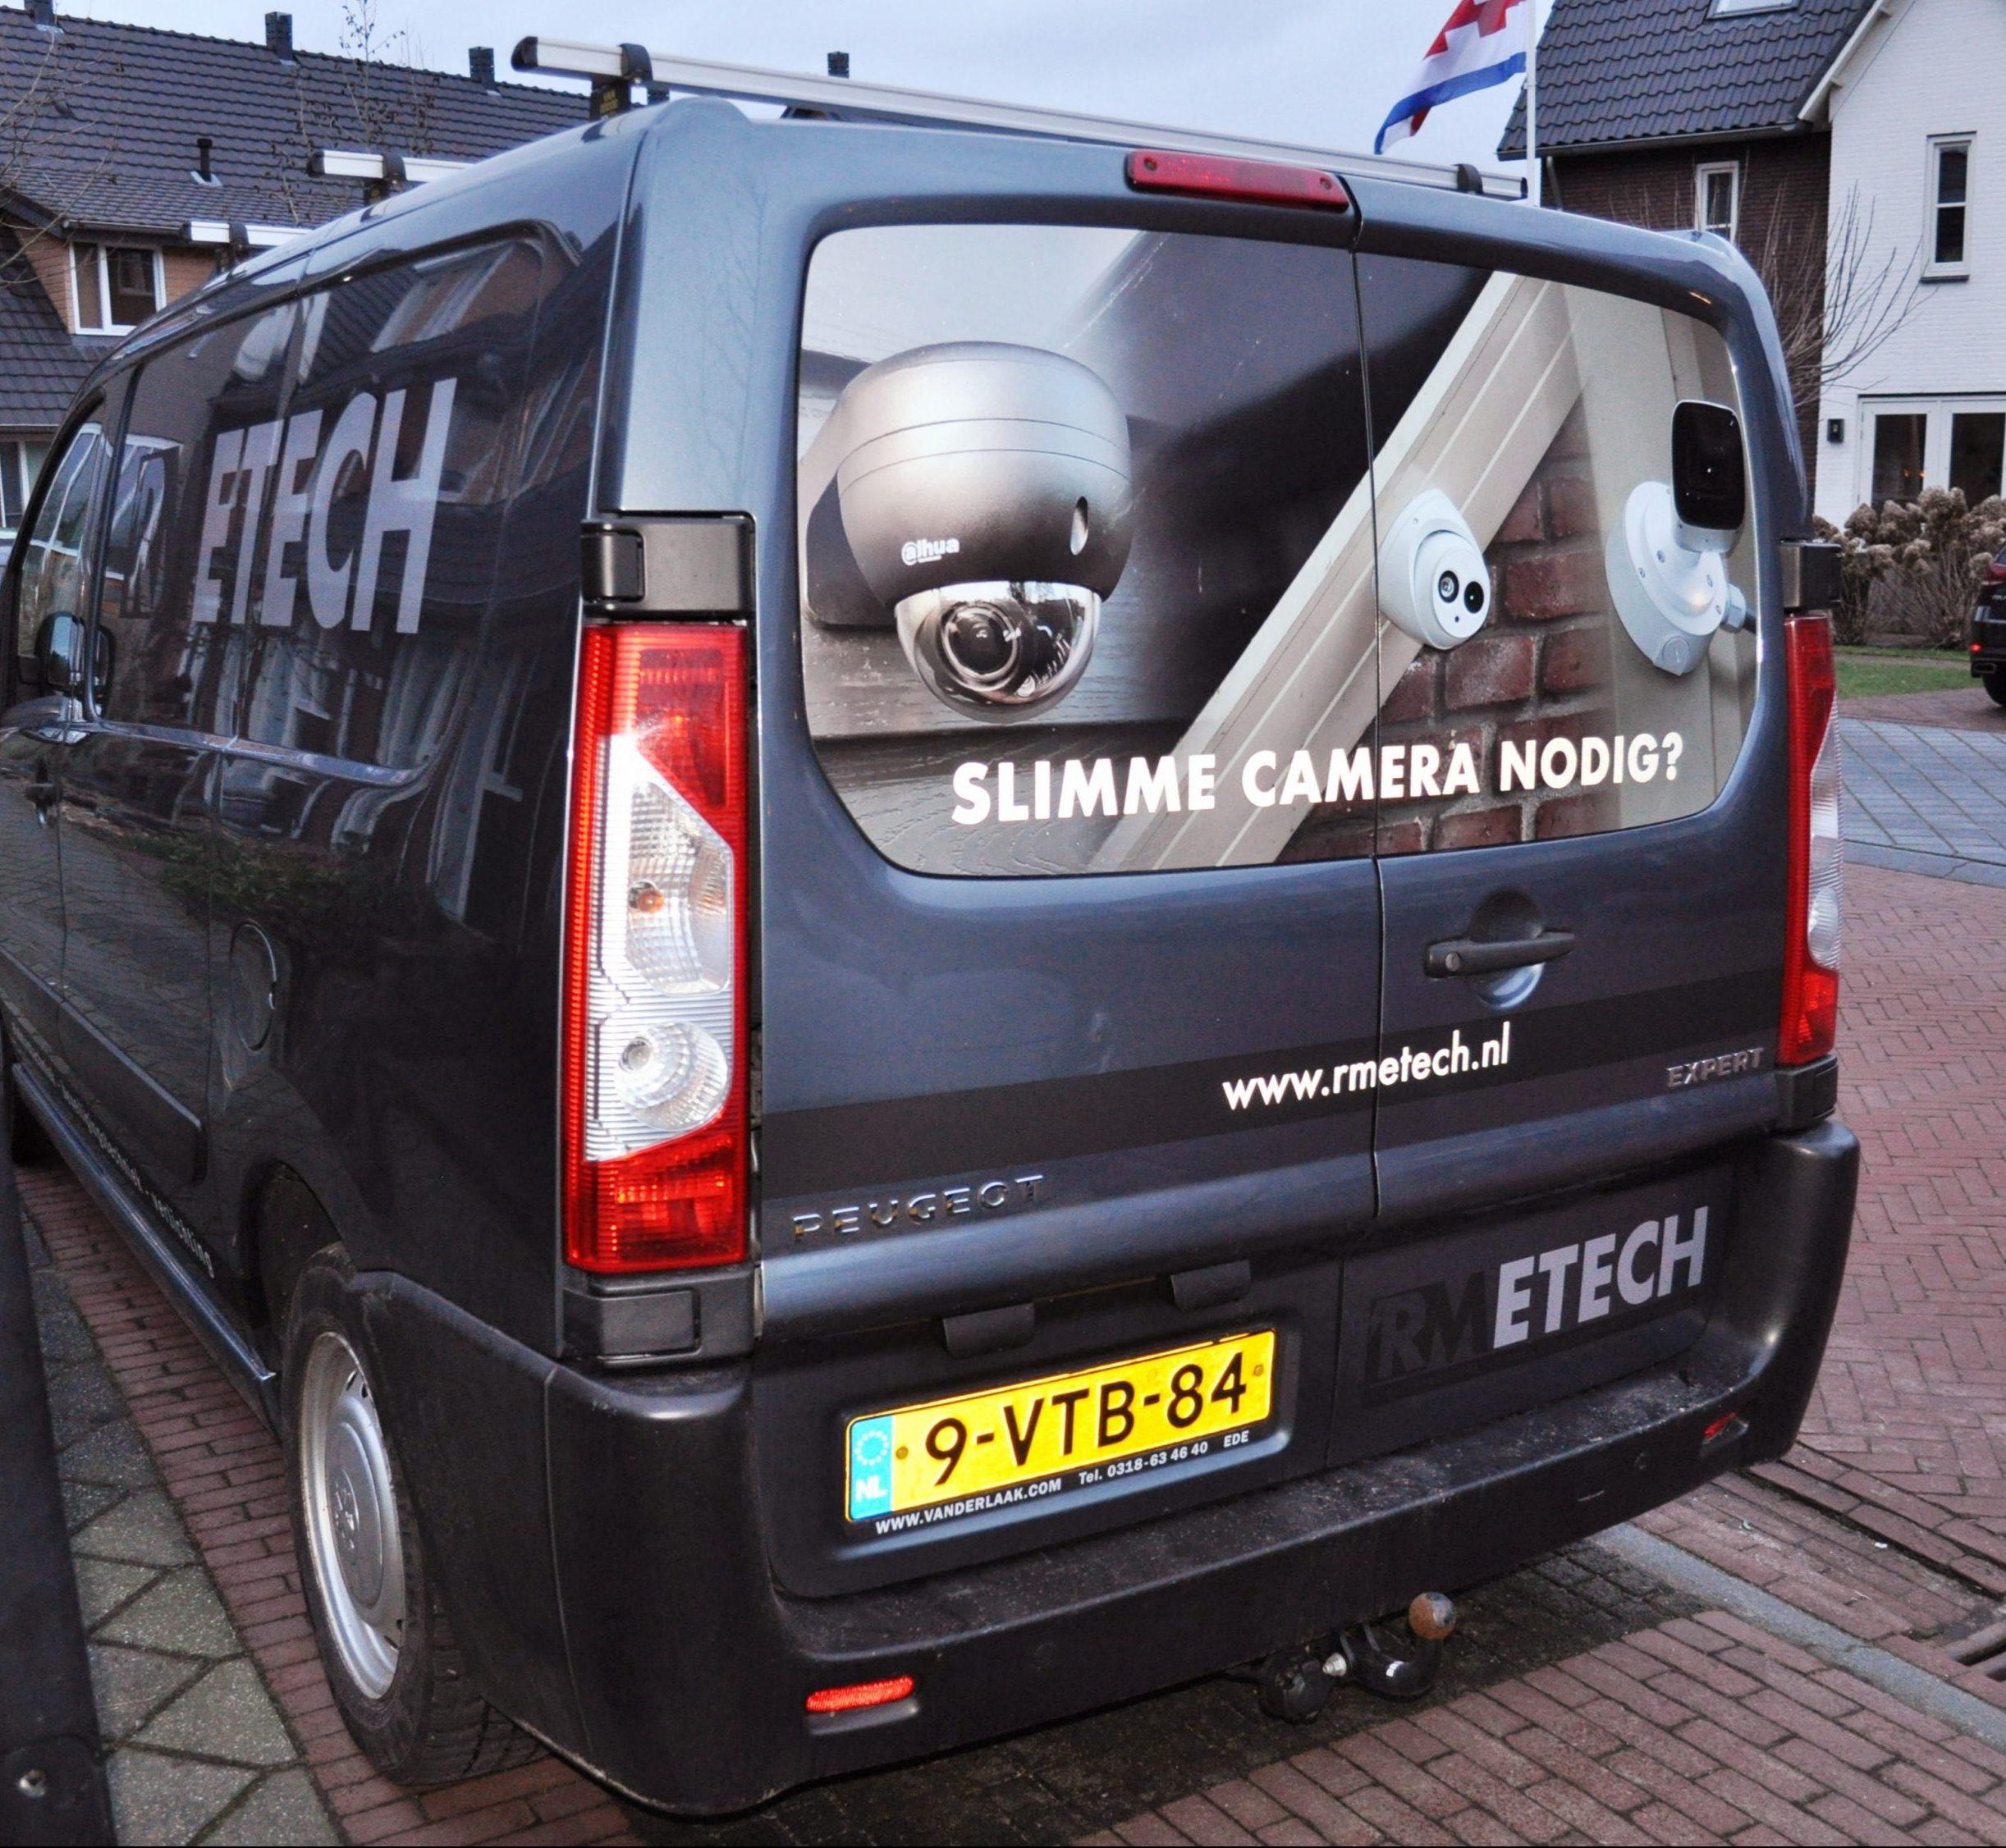 RMEtech's Peugeot